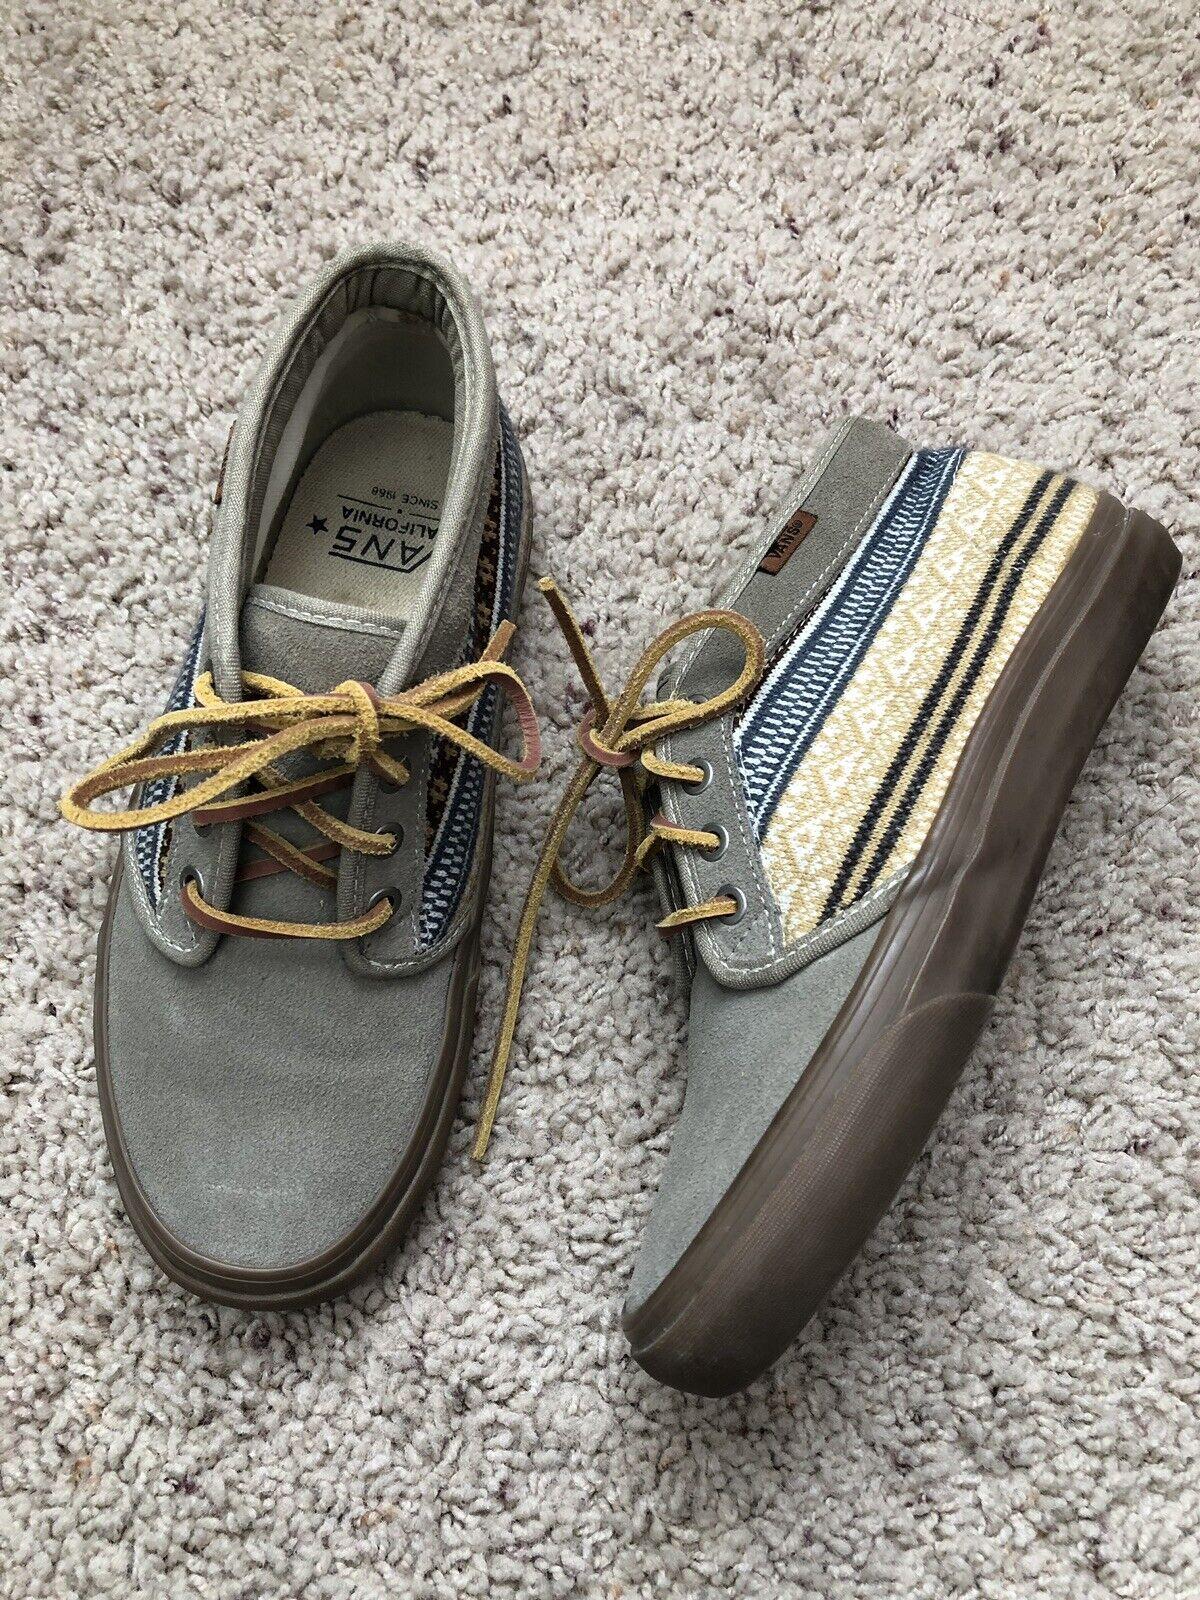 Vans California Chukka Boot 'Nordic' (Brindle) Suede Men 6.5 Women Size 8